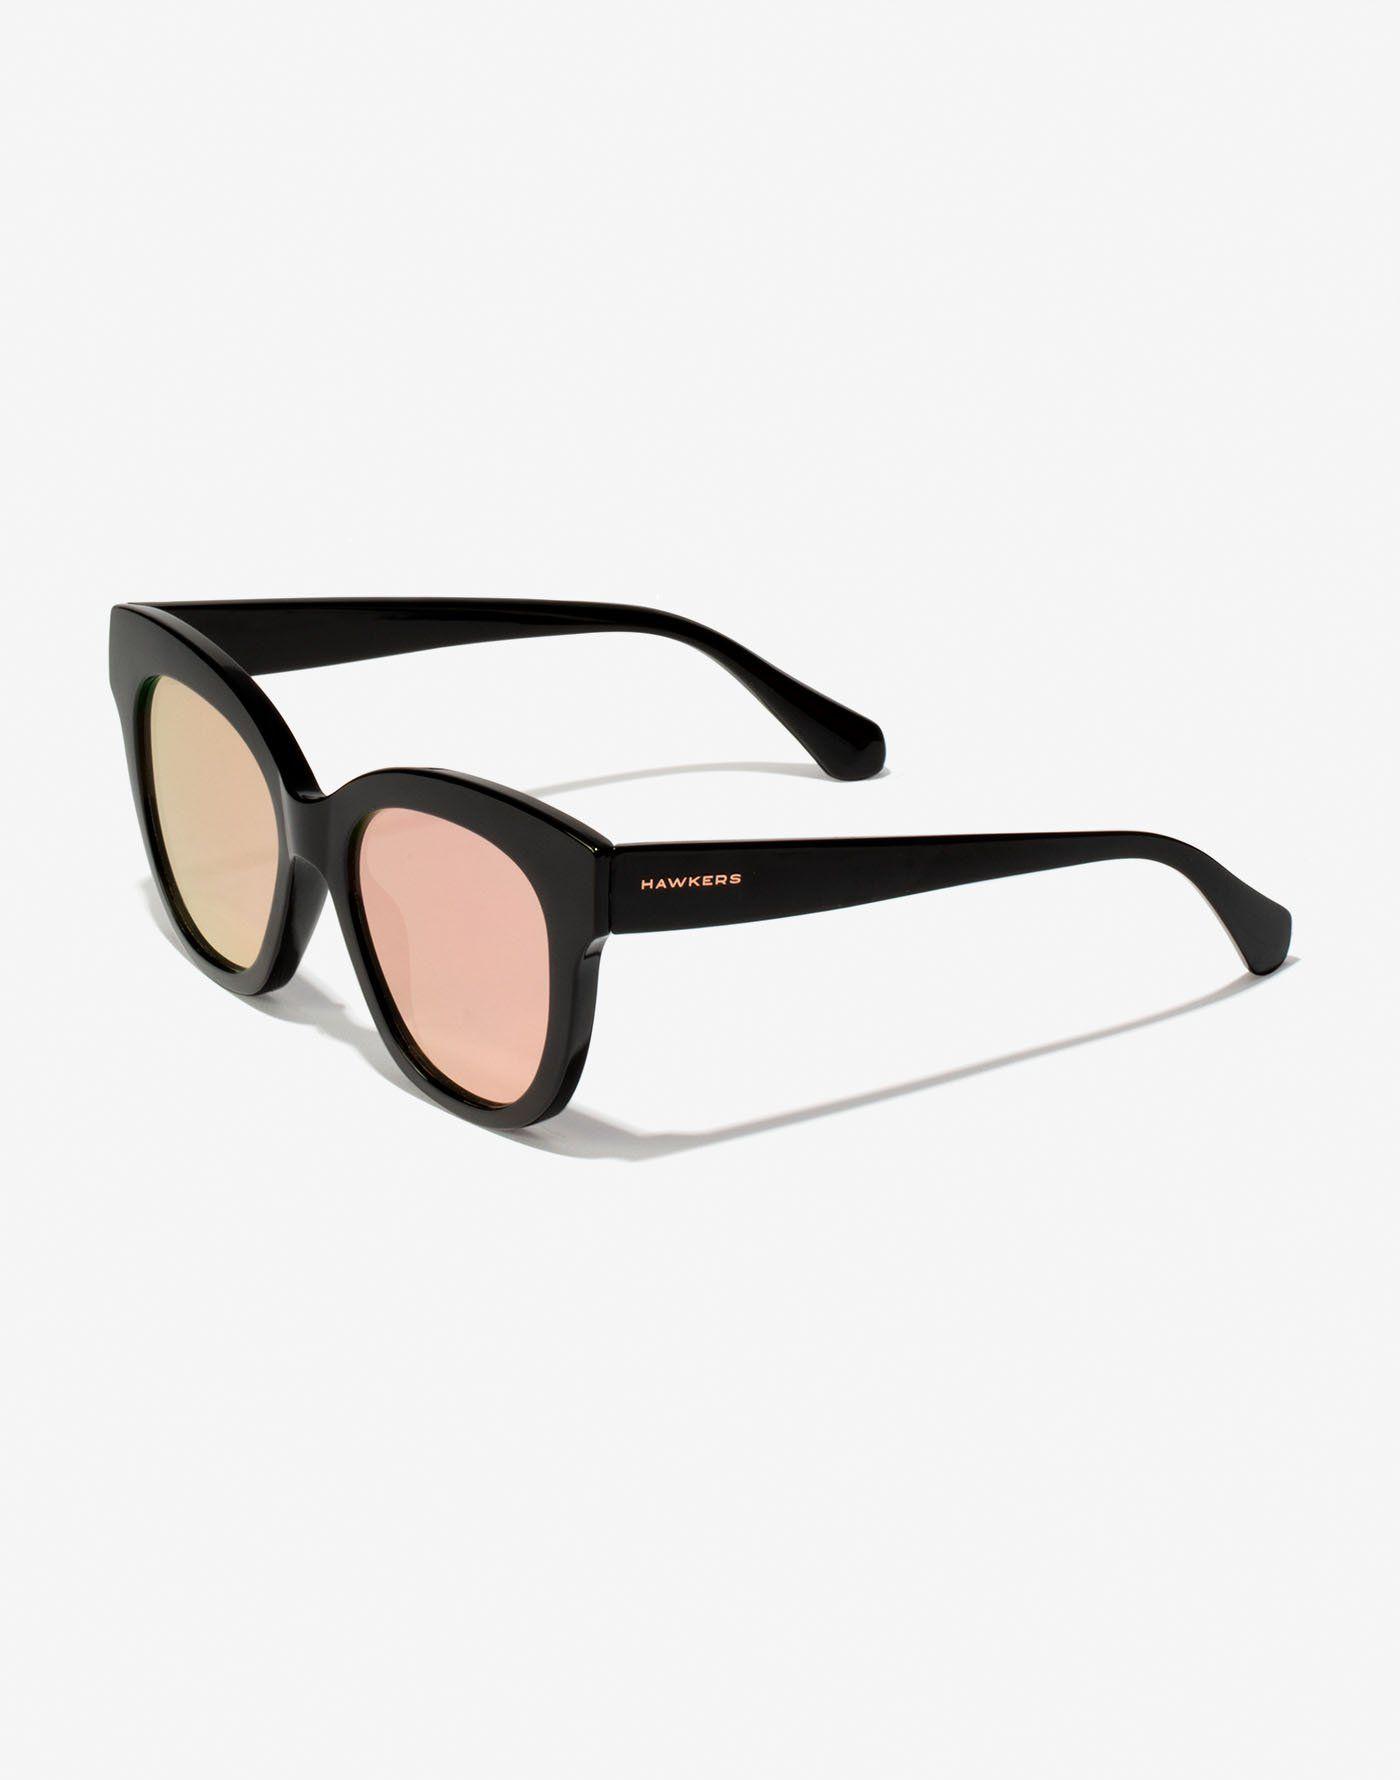 f4123ffa06 BLACK ROSE GOLD AUDREY Gafas de sol redondas estilo mariposa con montura  negra en acabado brillante